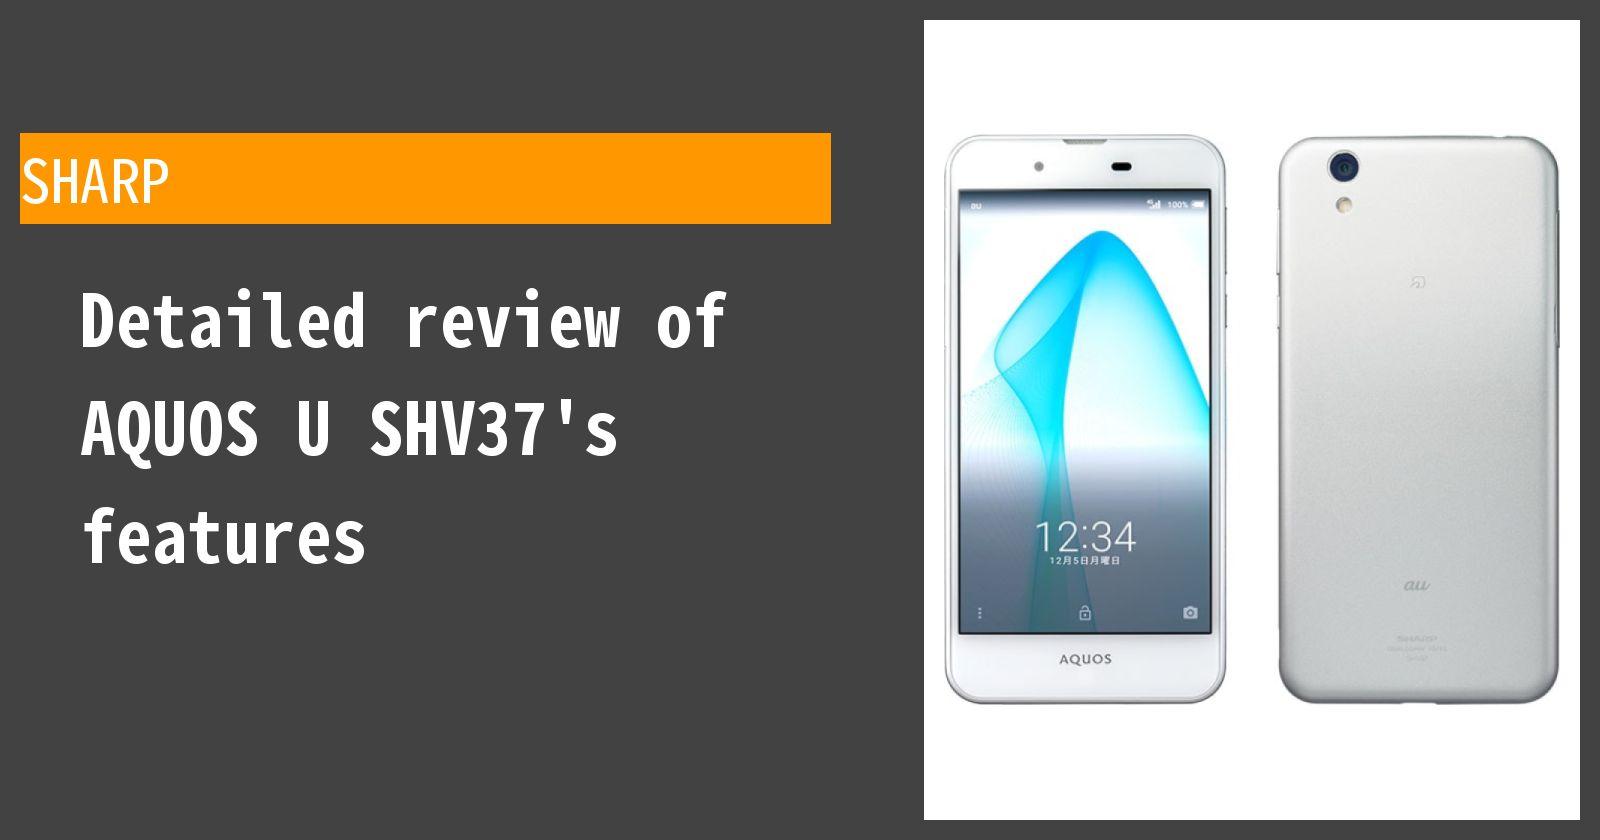 Detailed review of AQUOS U SHV37 au's features